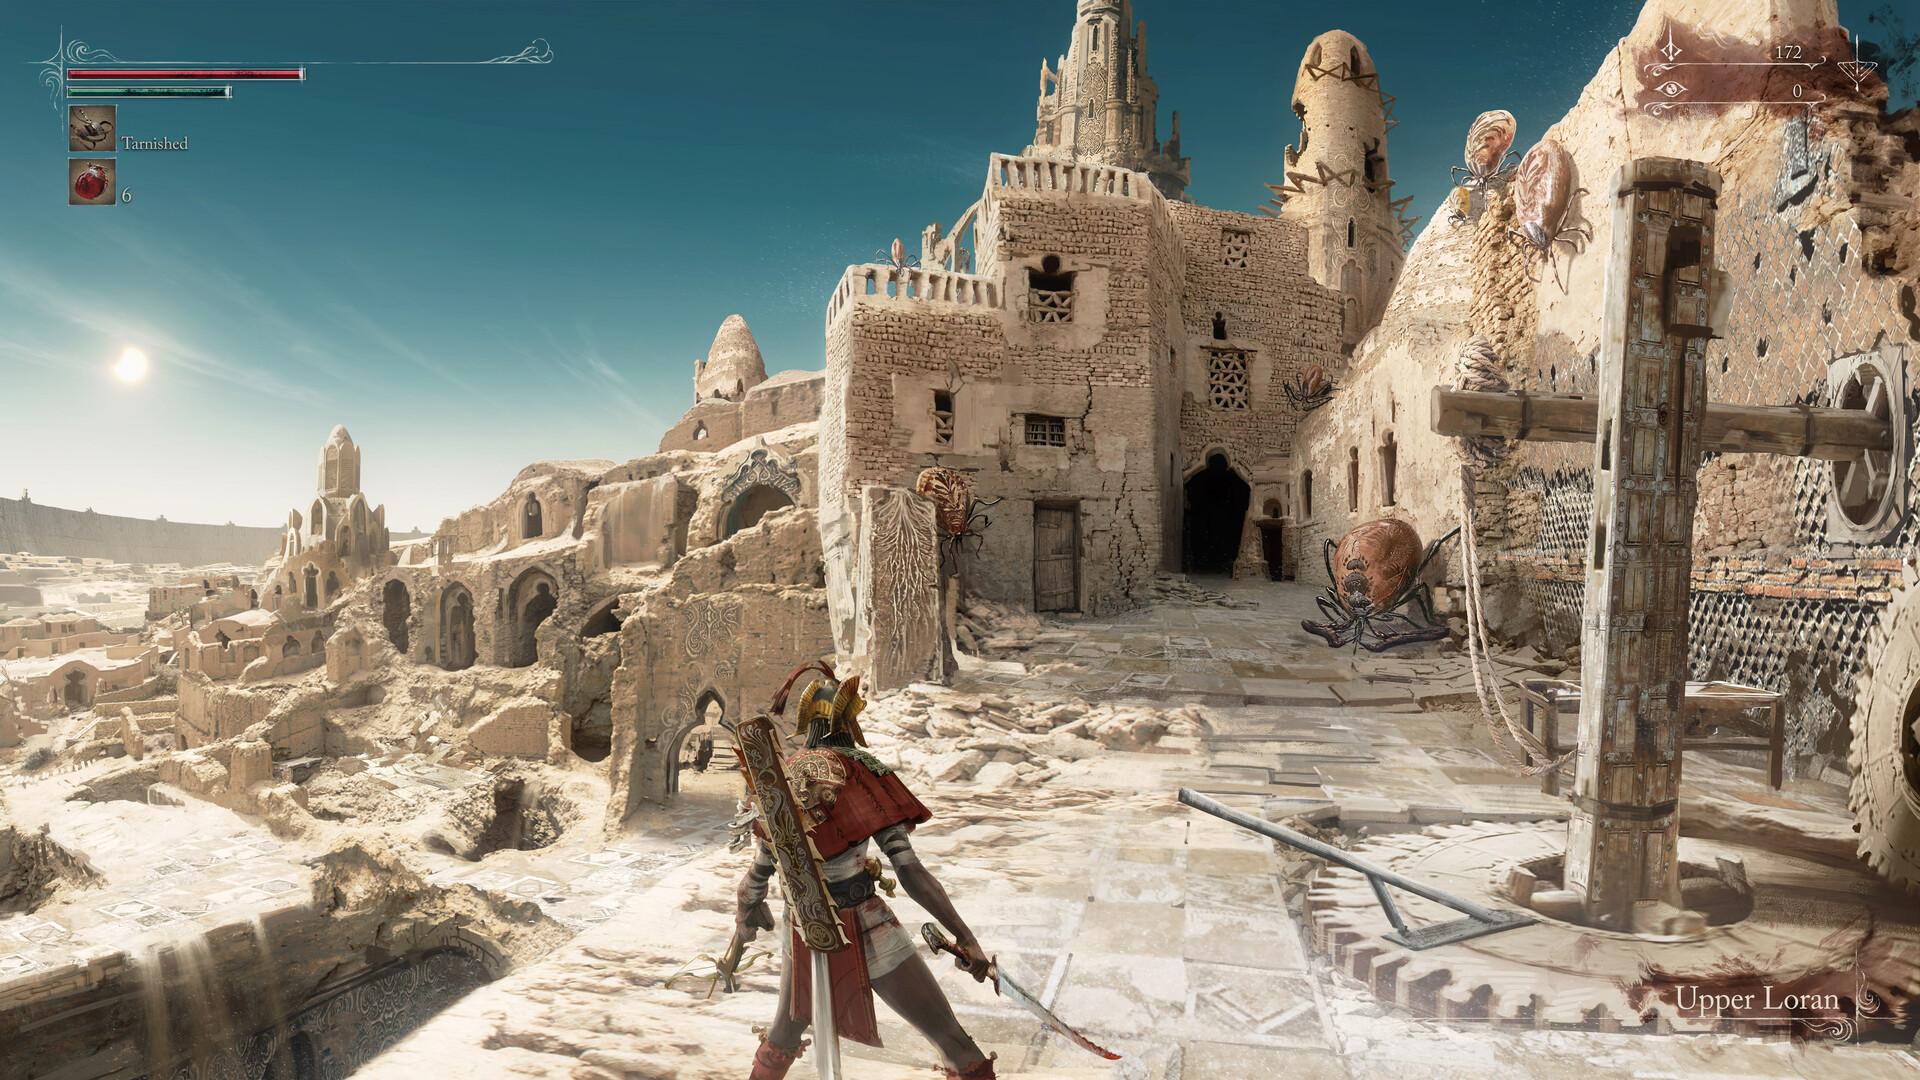 Художник представил Bloodborne 2 в солнечной пустыне